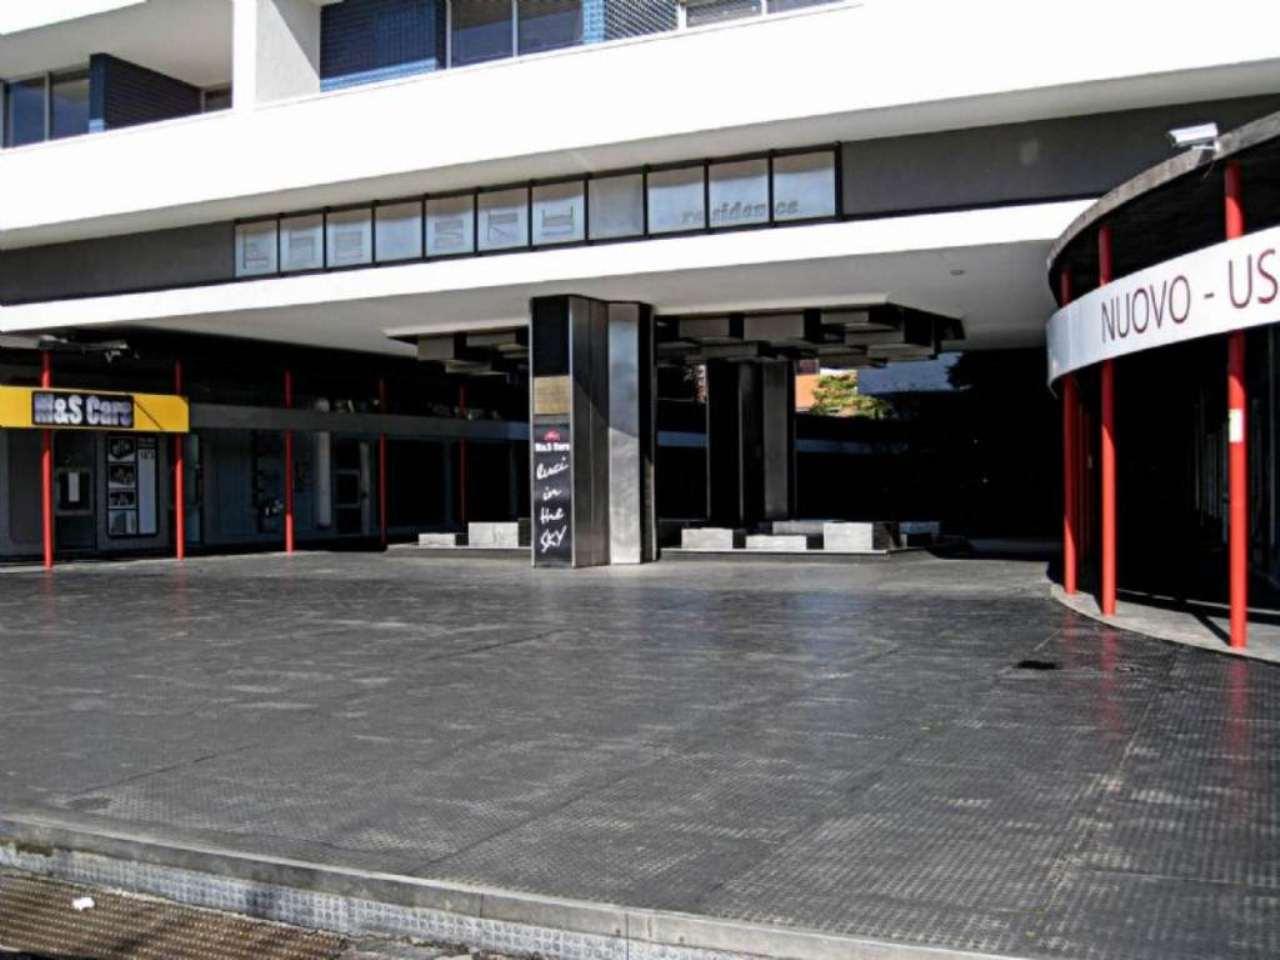 Ufficio / Studio in affitto a Collegno, 2 locali, prezzo € 300 | Cambio Casa.it